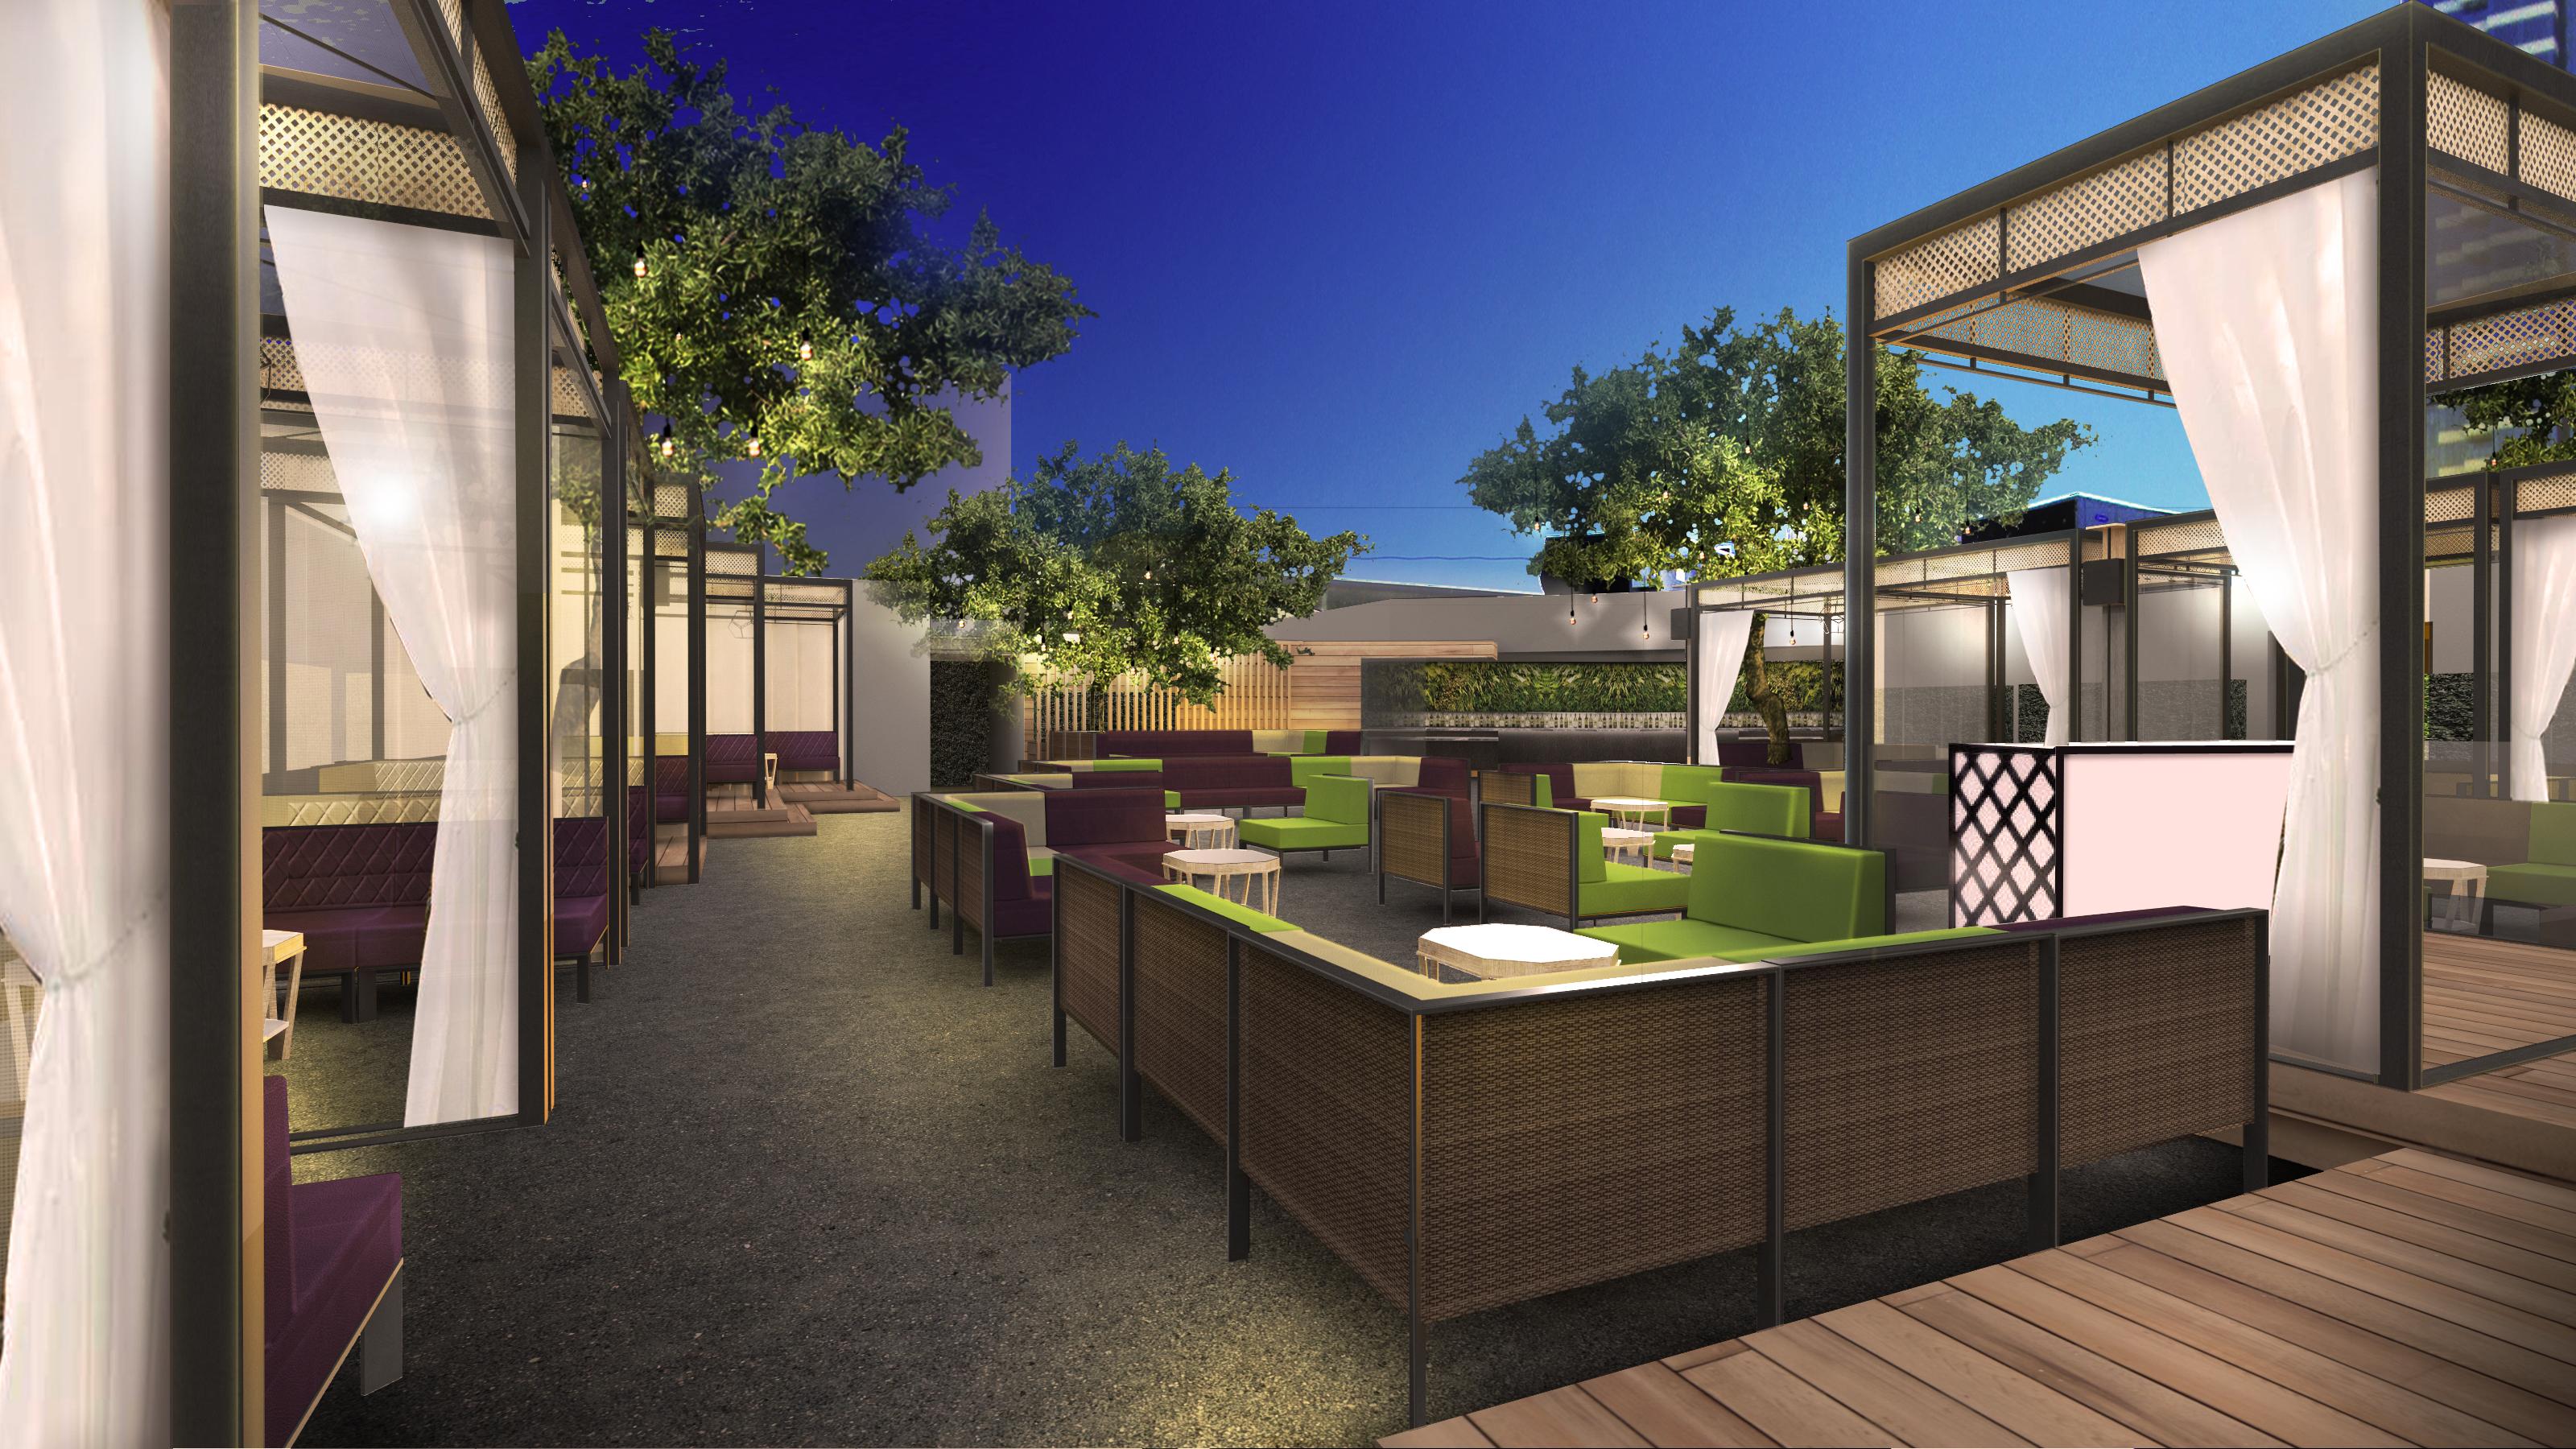 Omnia rooftop rendering